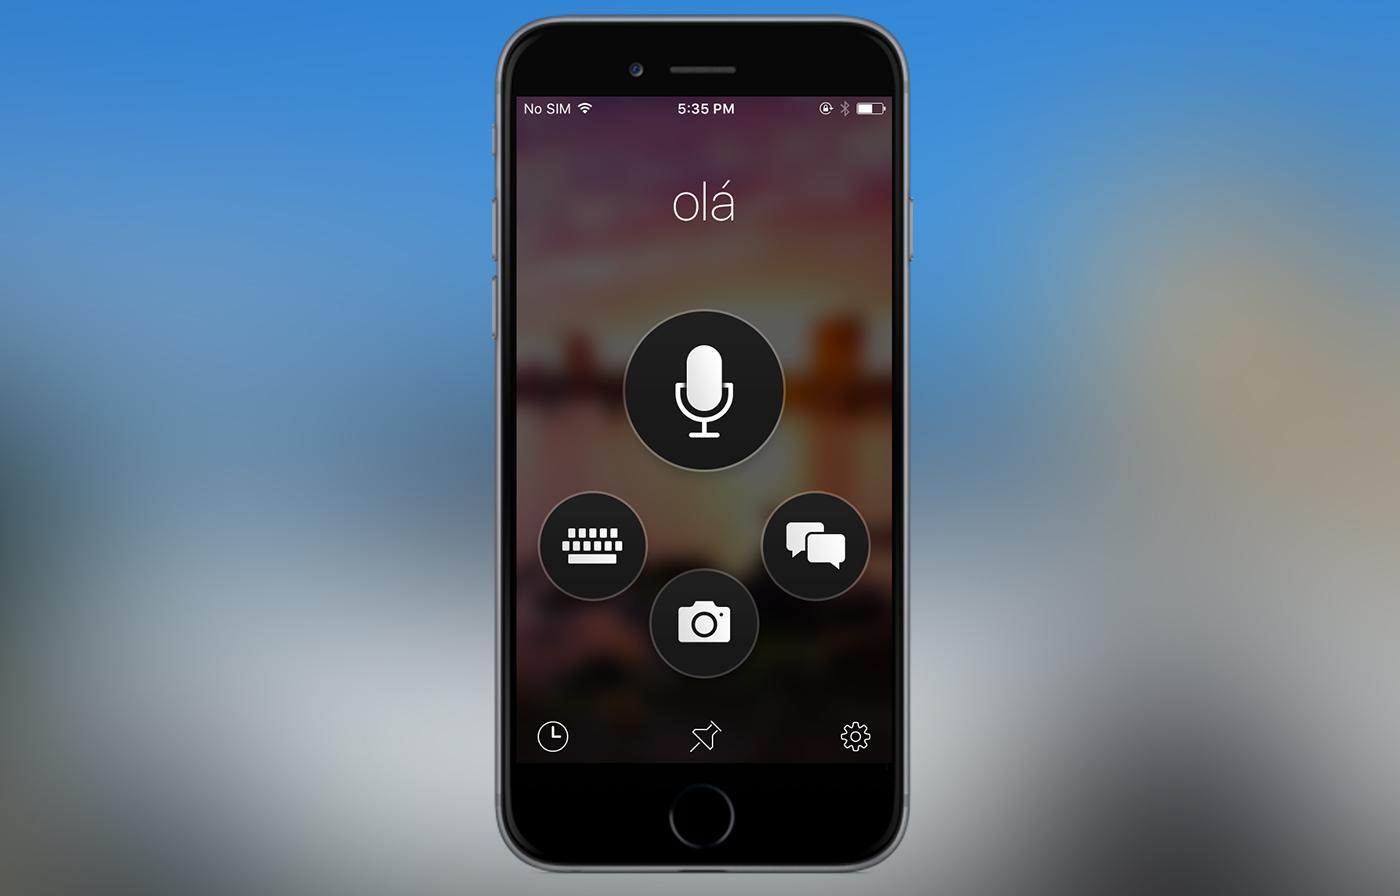 微软翻译iOS版即将支持离线AI 准确率提升